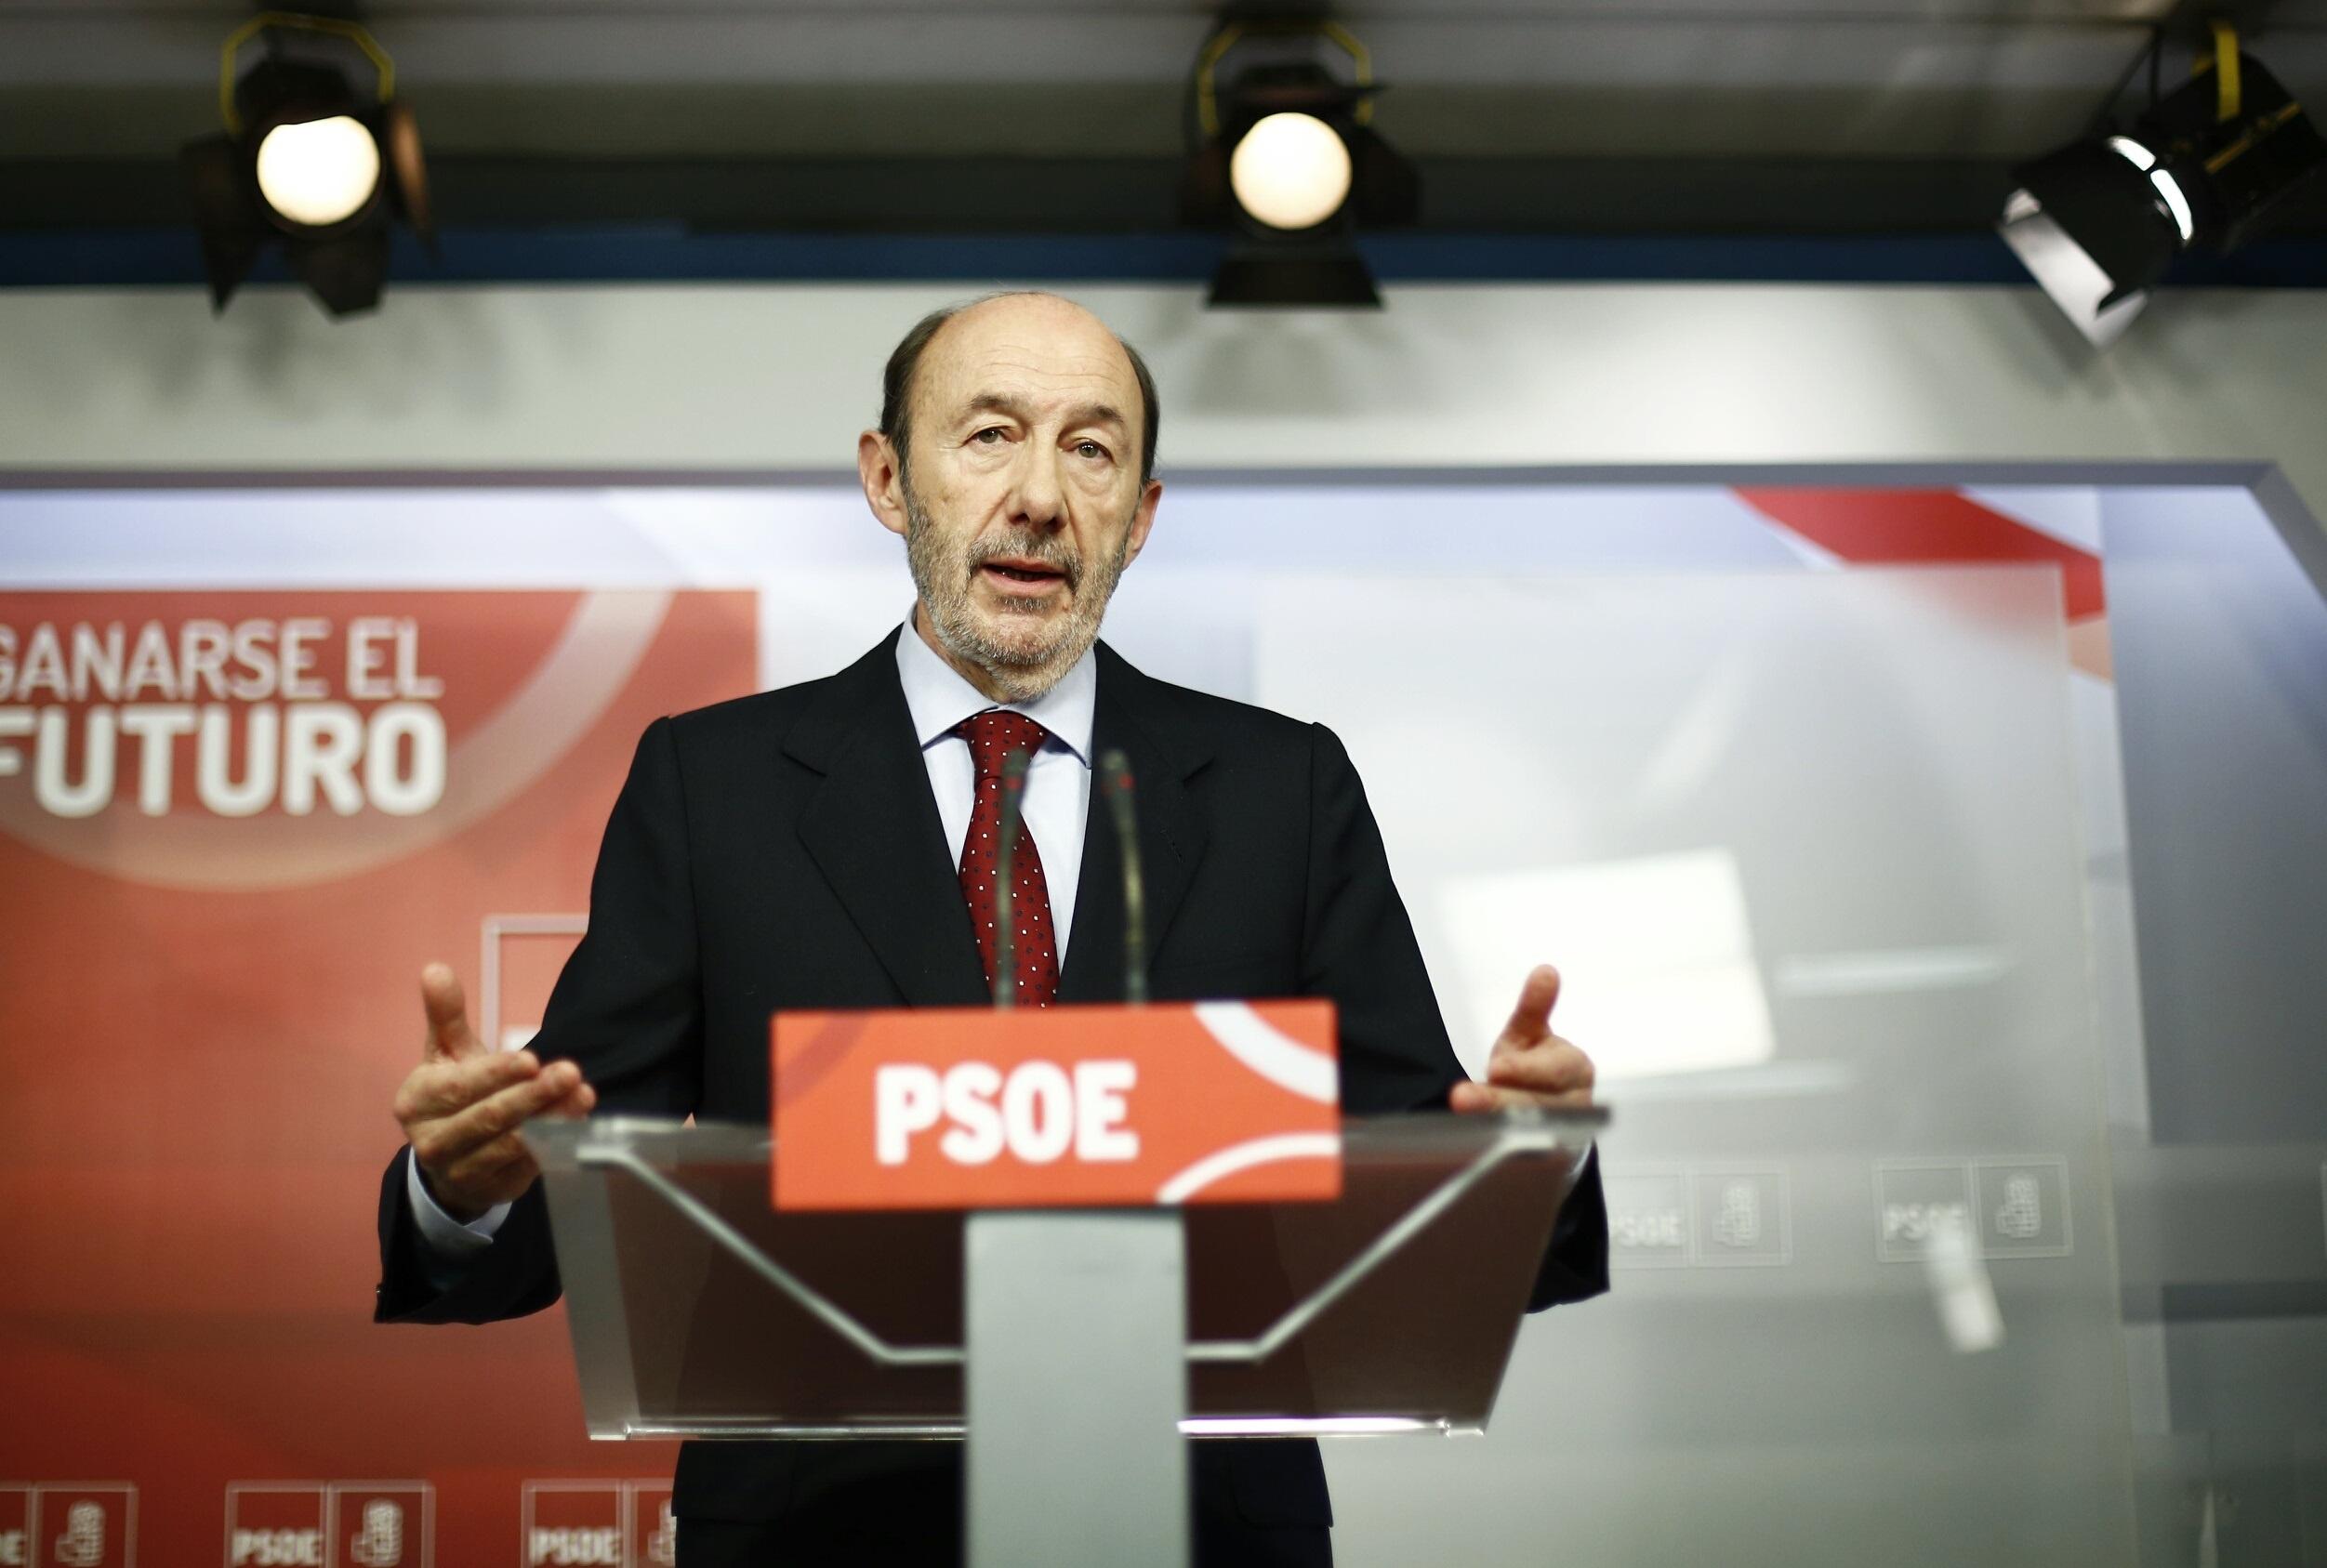 Rubalcaba defiende el convenio navarro y aclara que el PSOE «no va a entrar» en el debate de la financiación autonómica